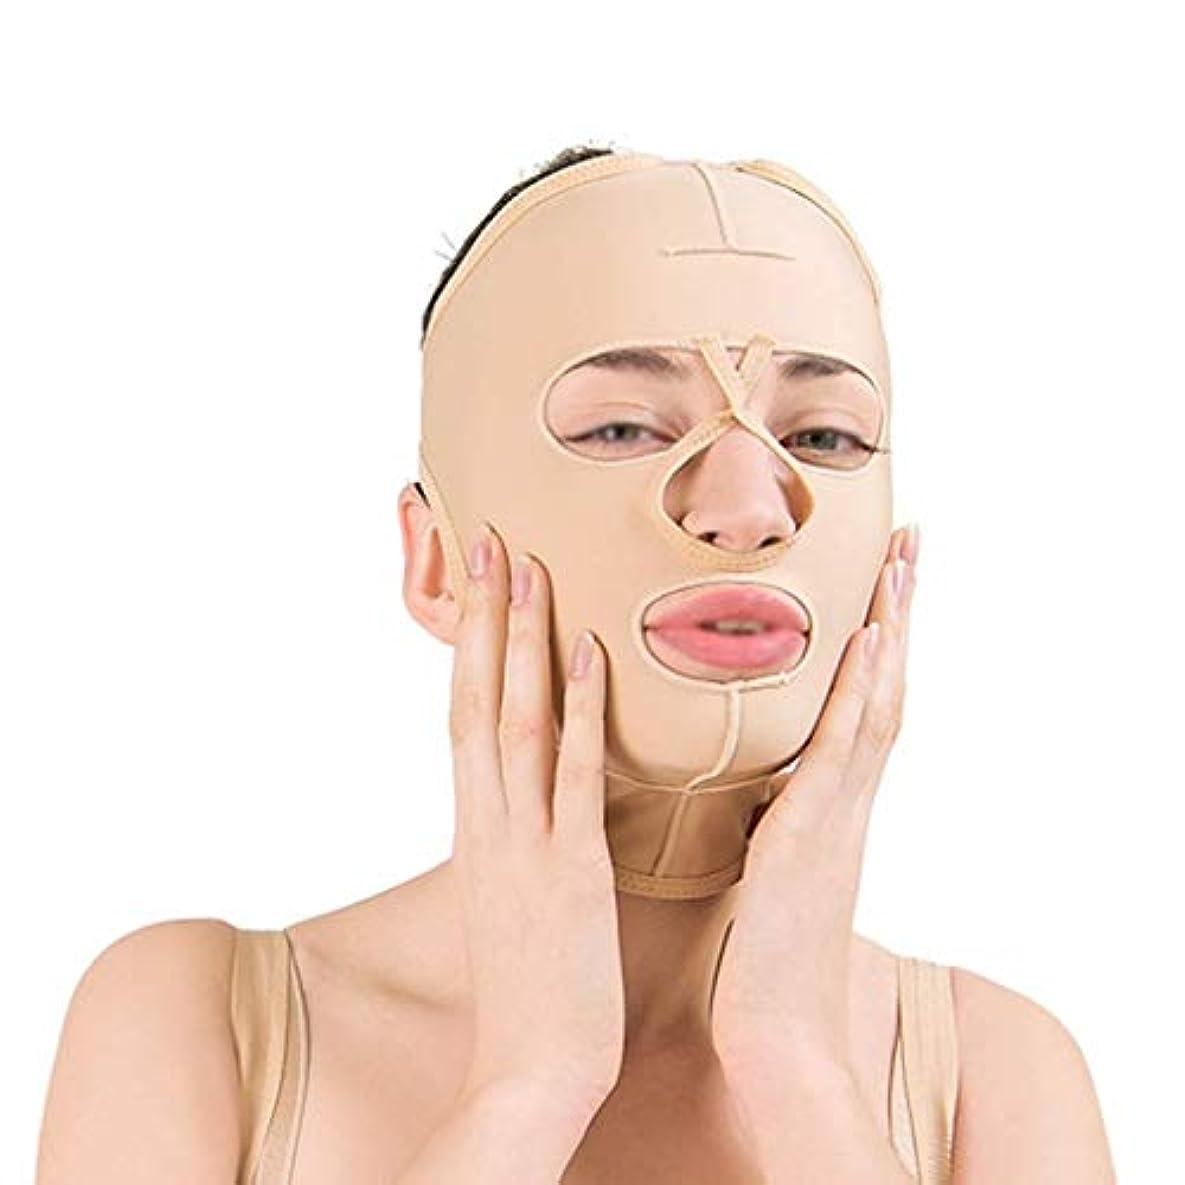 悪のオーチャードわがままフェイススリミングマスク、フェイスバンデージ付きフェイシャル減量マスク、通気性フェイスリフト、引き締め、フェイスリフティング(サイズ:L),M